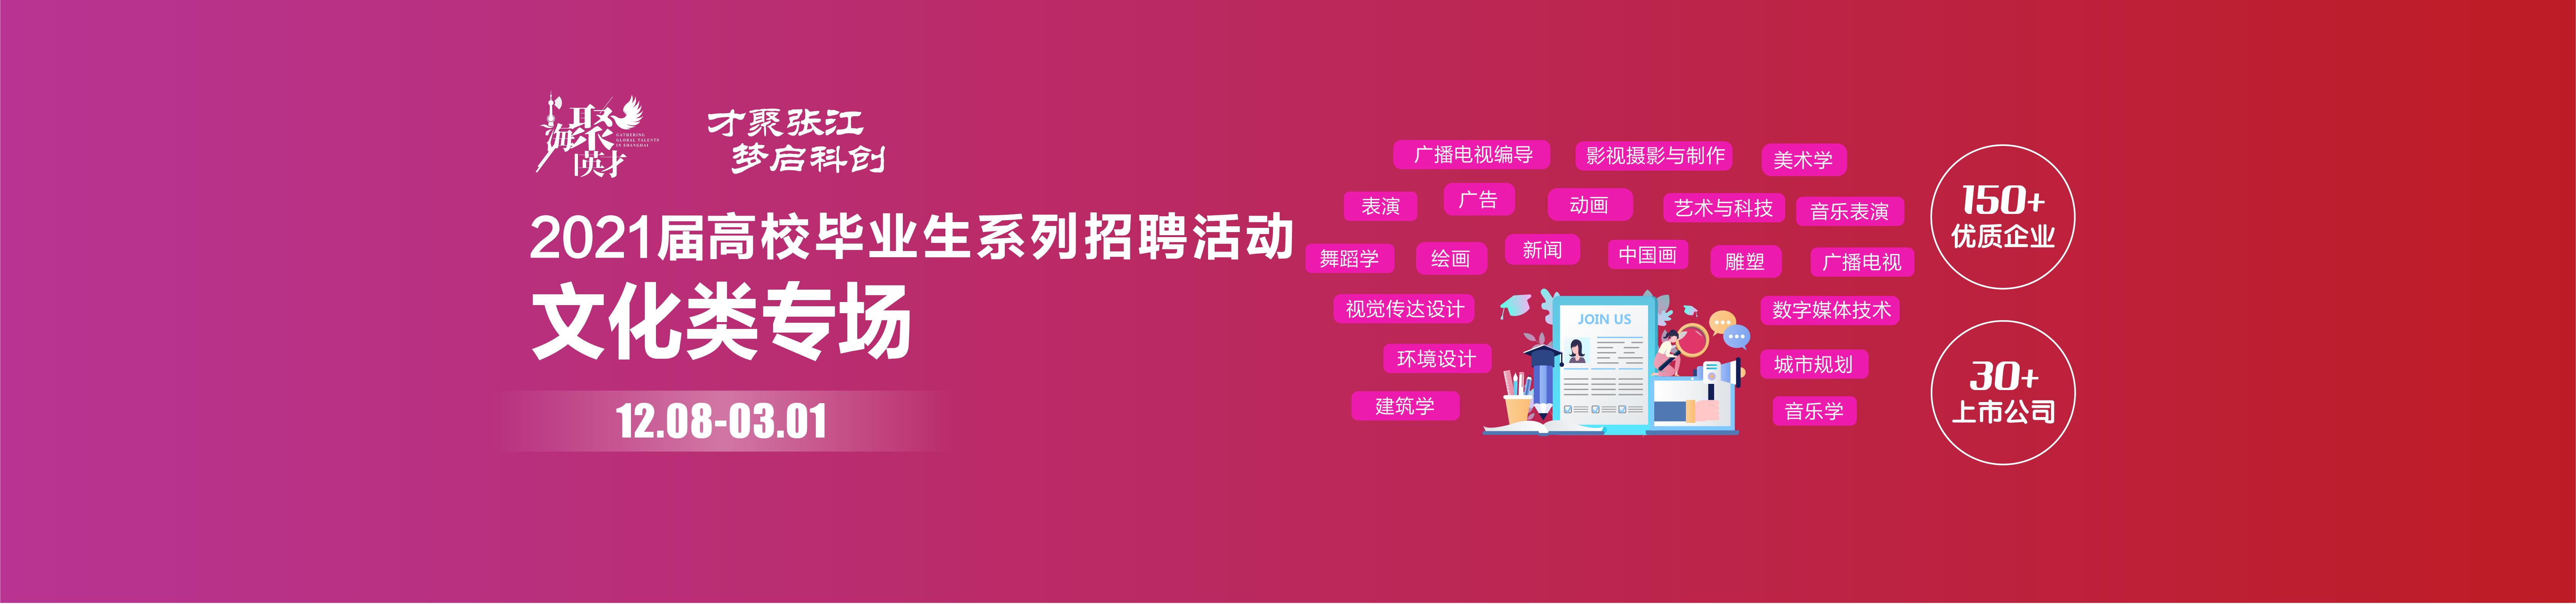 上海工程技术大学2021届毕业生招聘会文创类专场